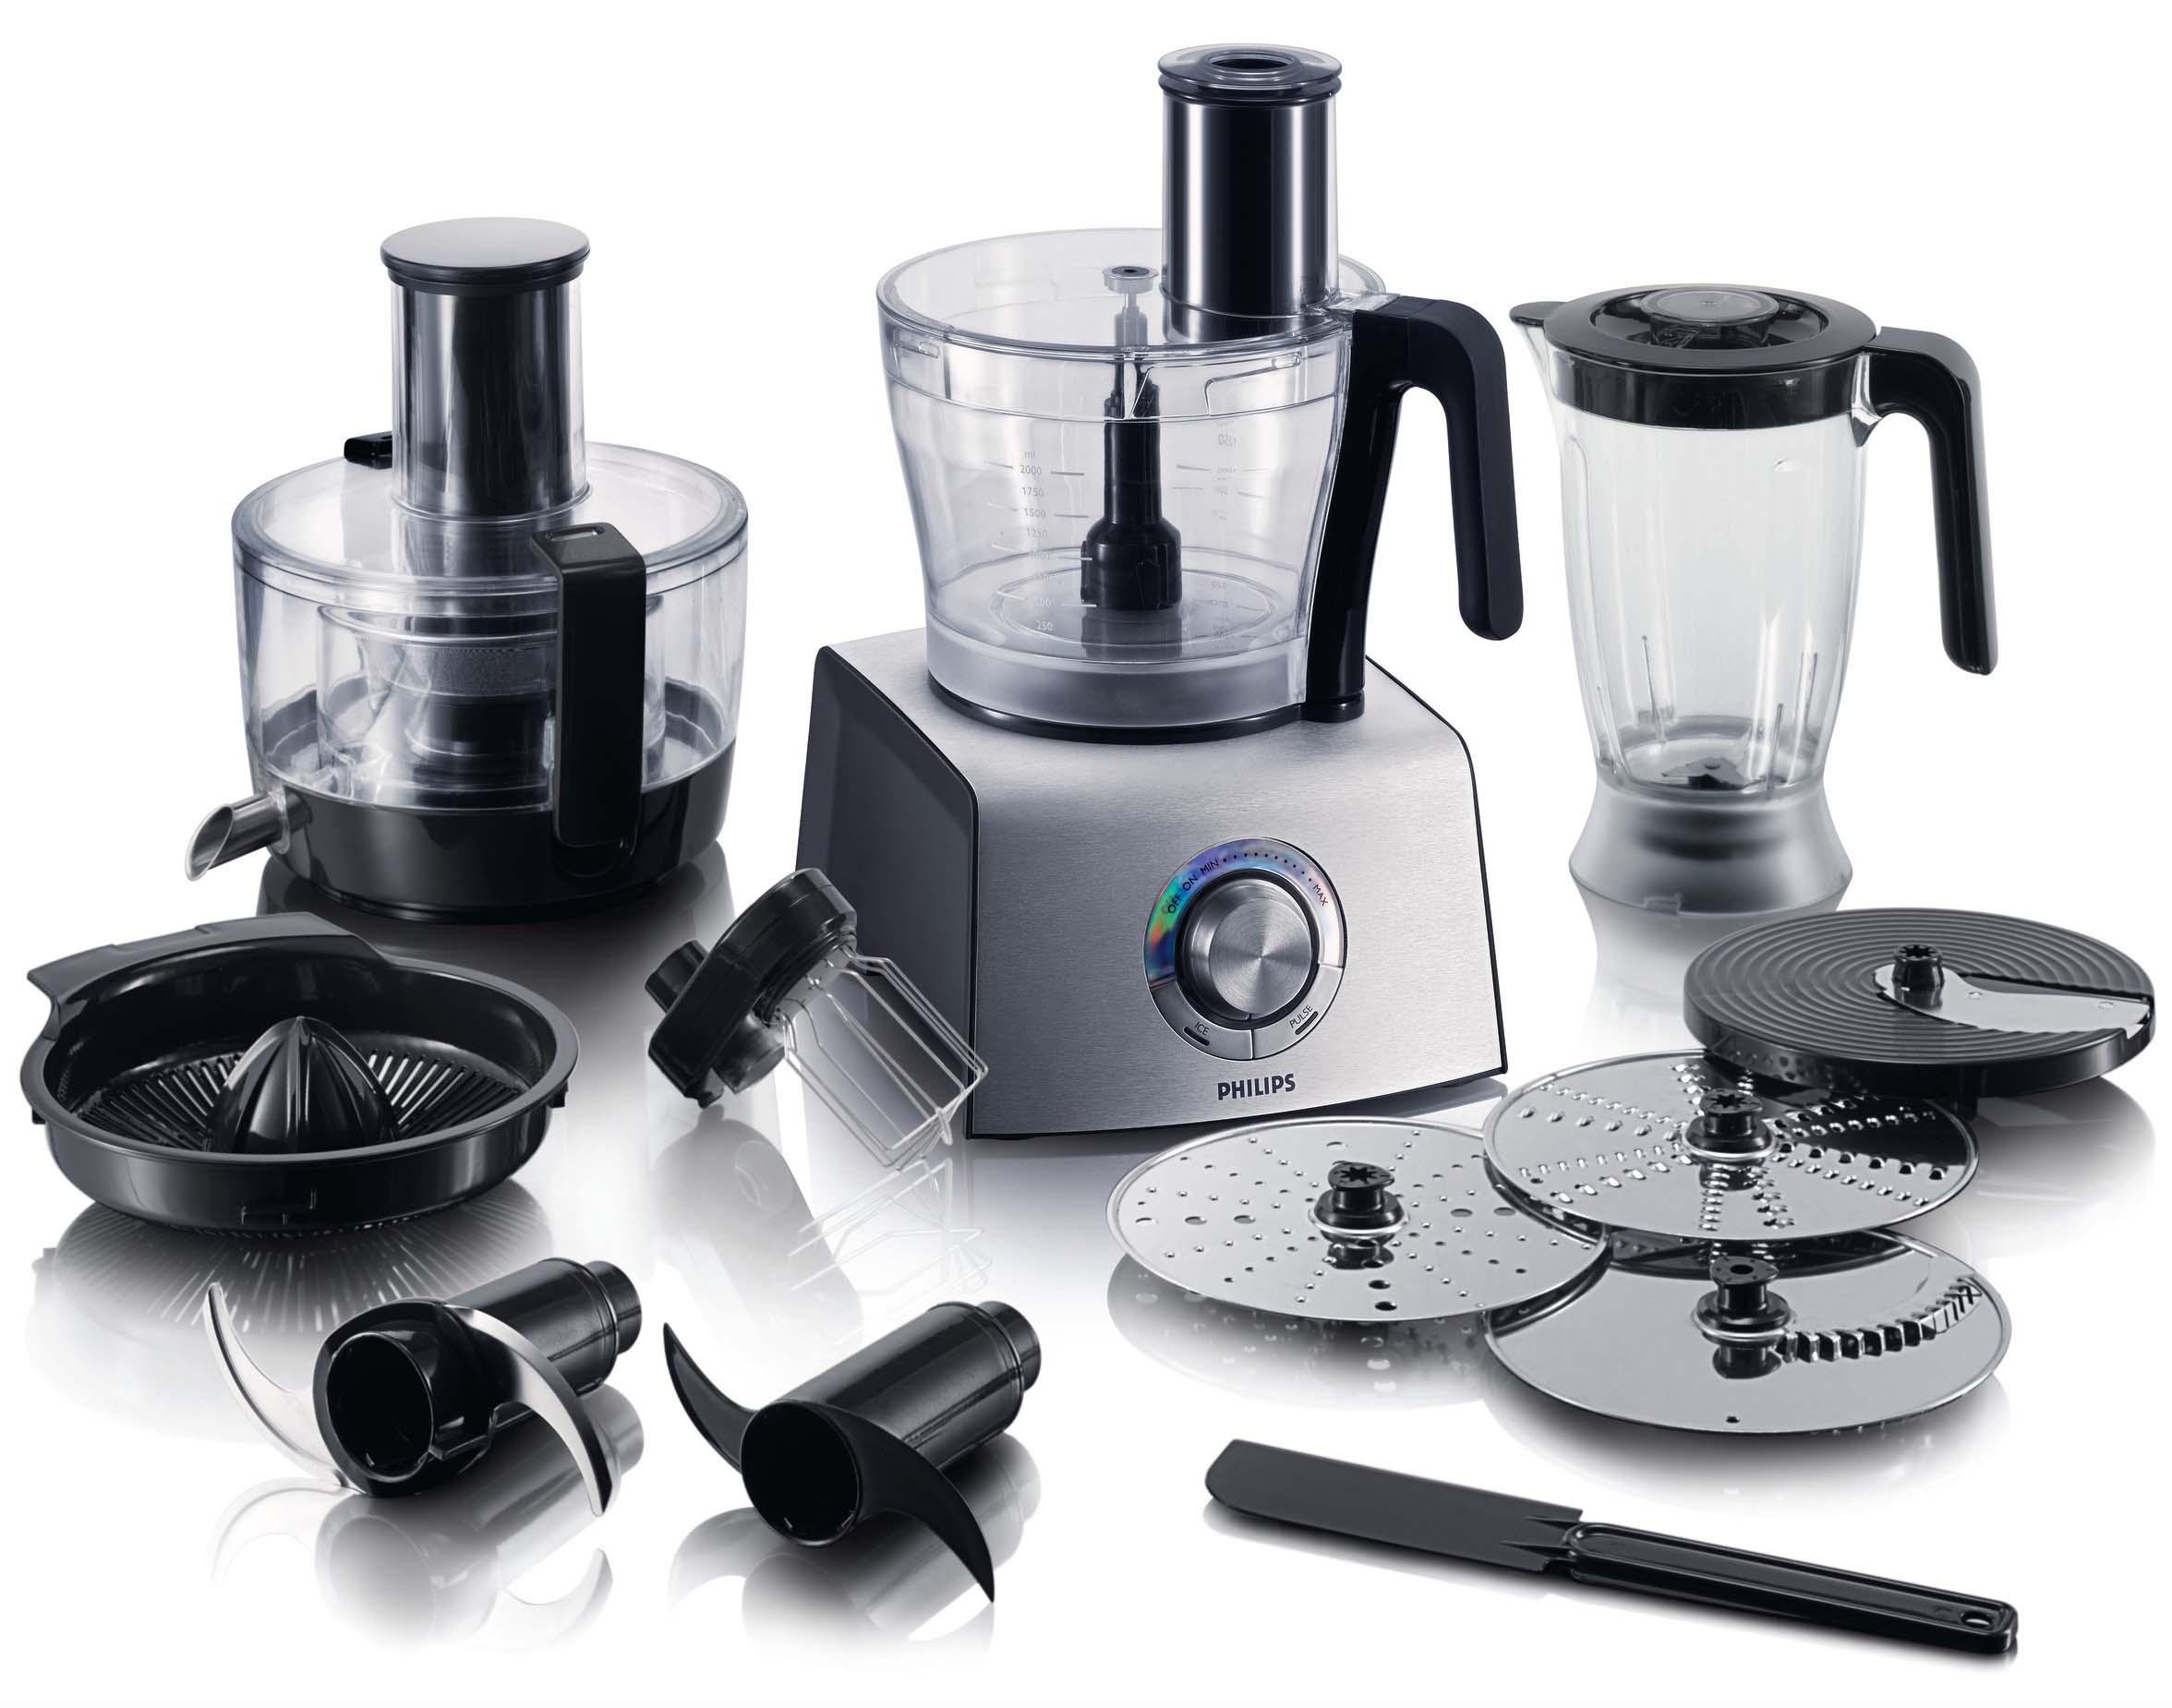 Philips hr7775 00 scopri l 39 iper accessoriato philips hr7775 00 - Robot da cucina bialetti ...